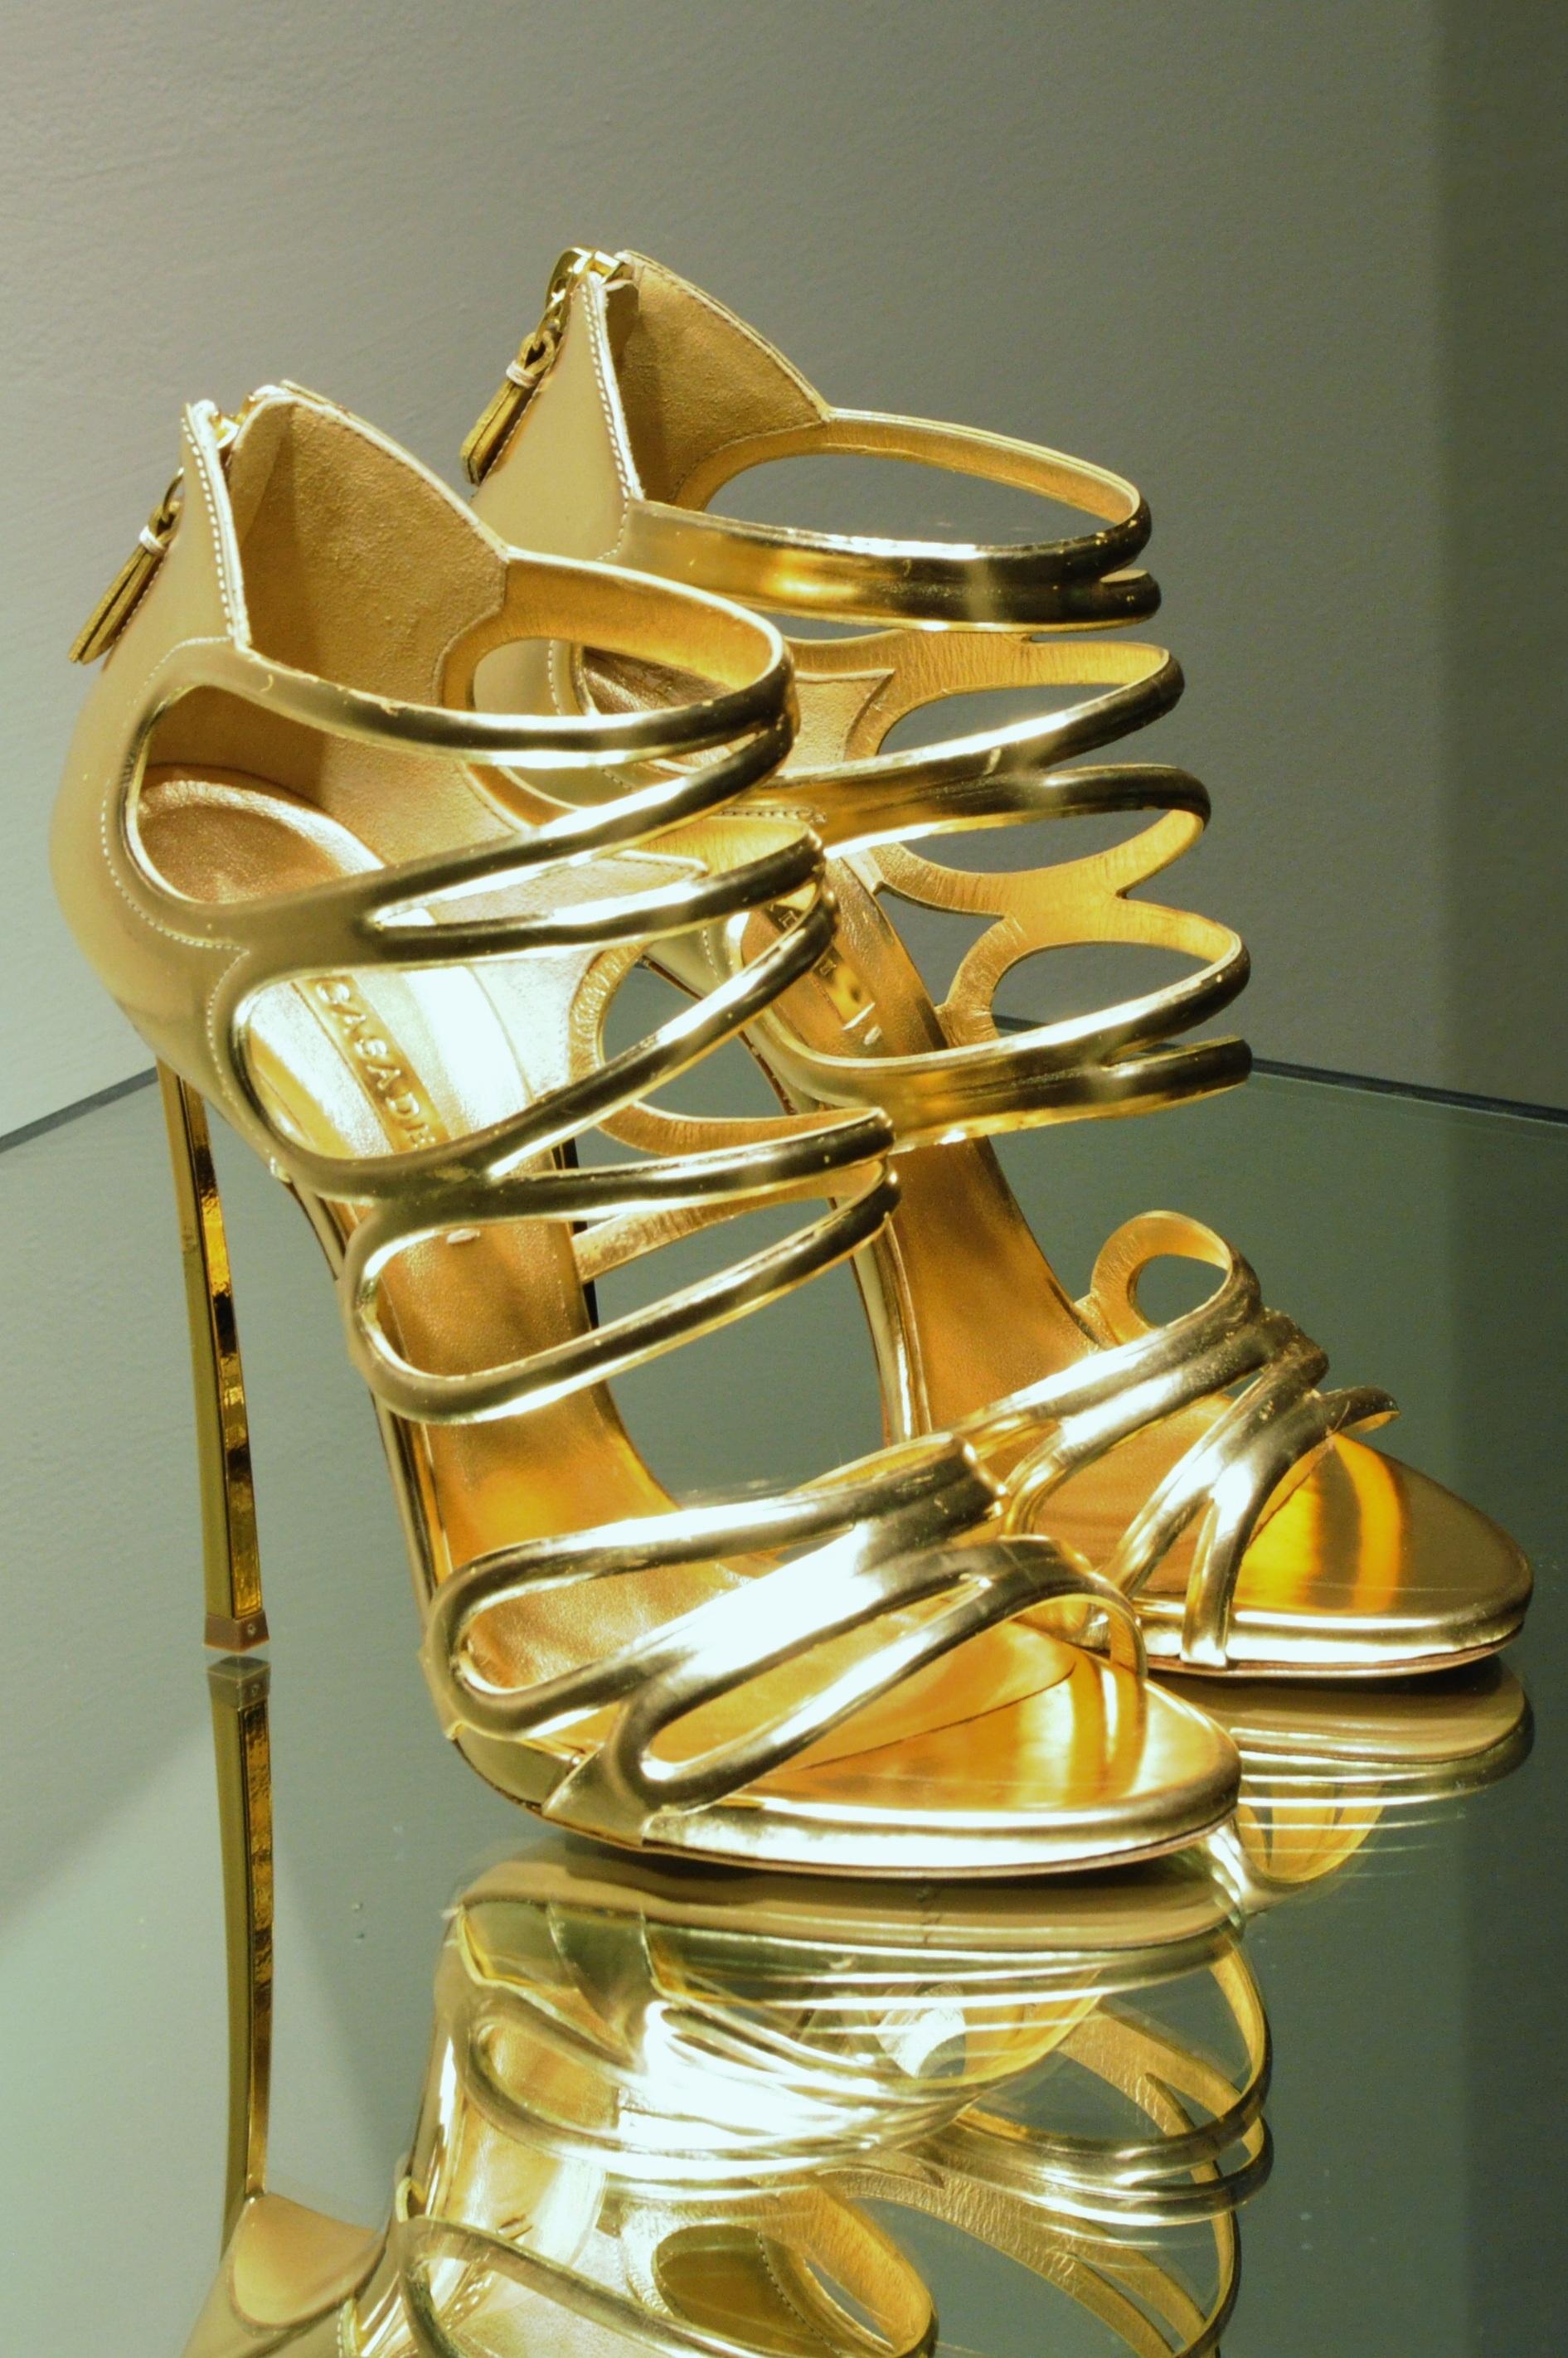 High Heels, Wearable, Object, High, Footwear, HQ Photo